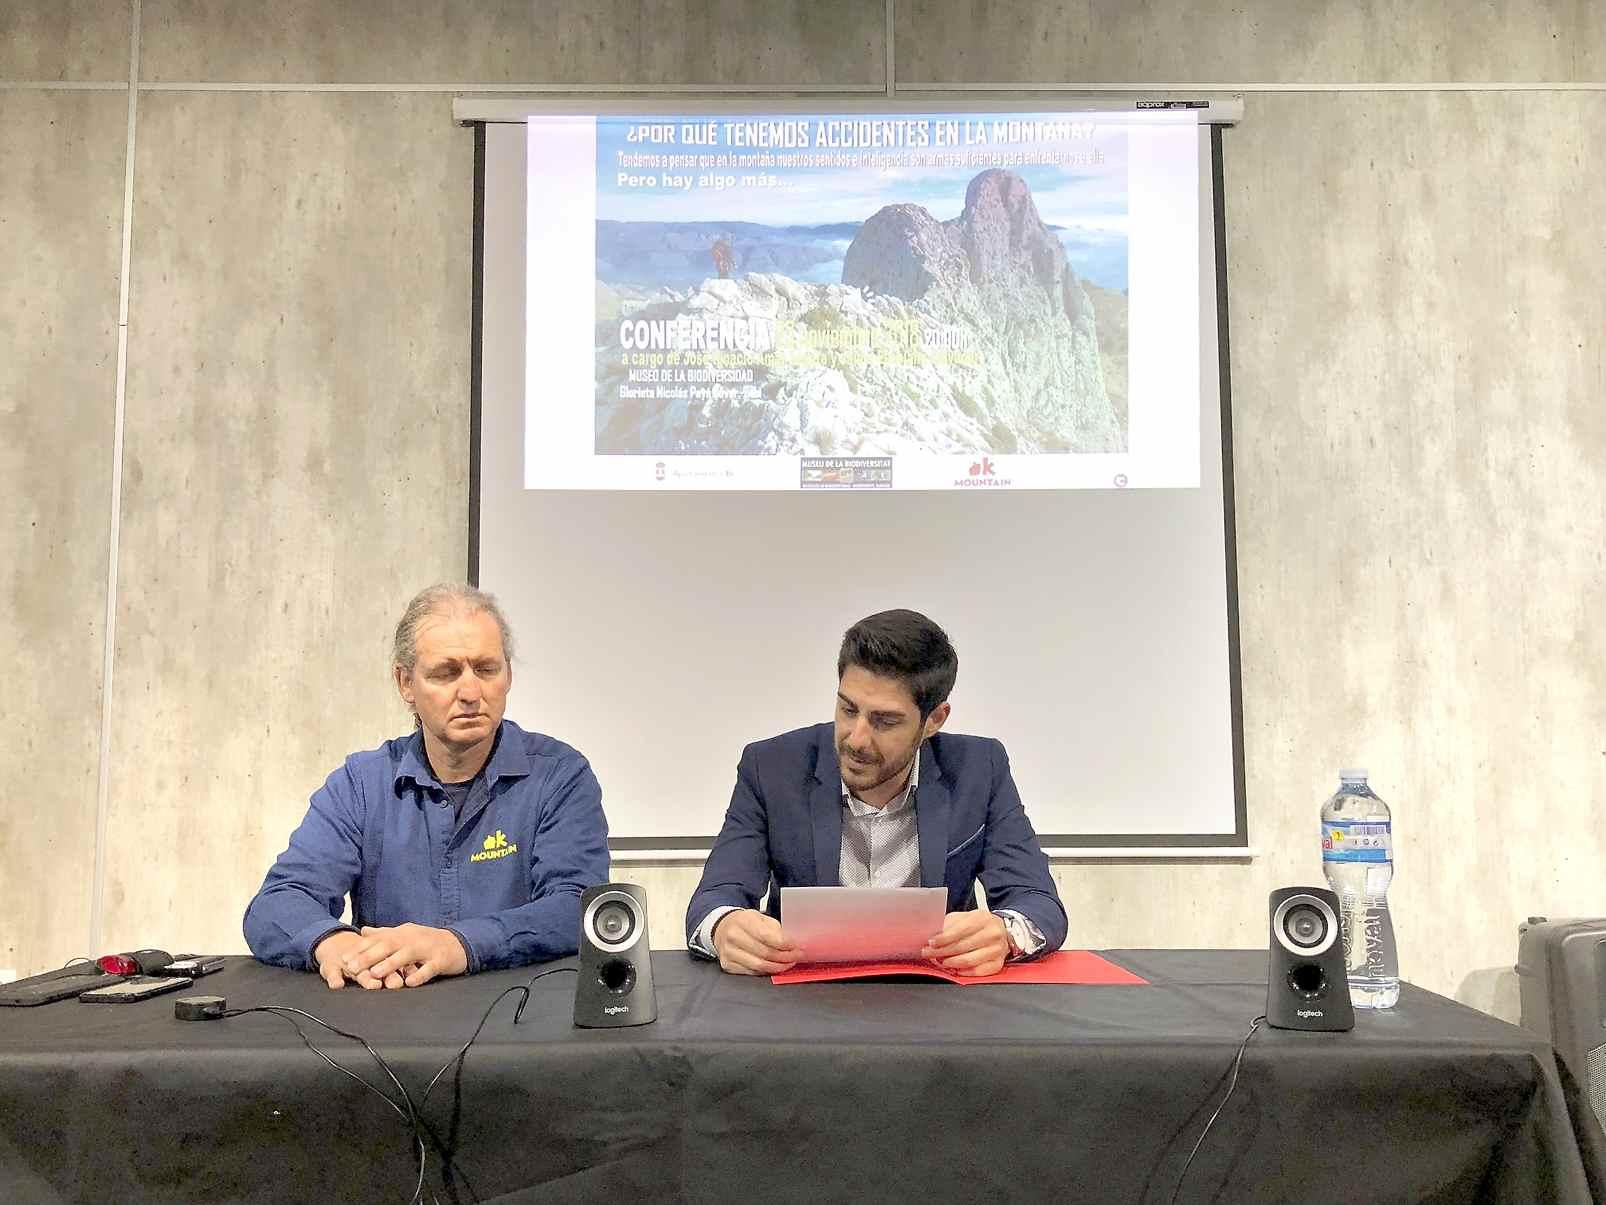 Xarrada sobre muntanyisme en el Museu de la Biodiversitat d'Ibi a càrrec de José Ignacio Amat